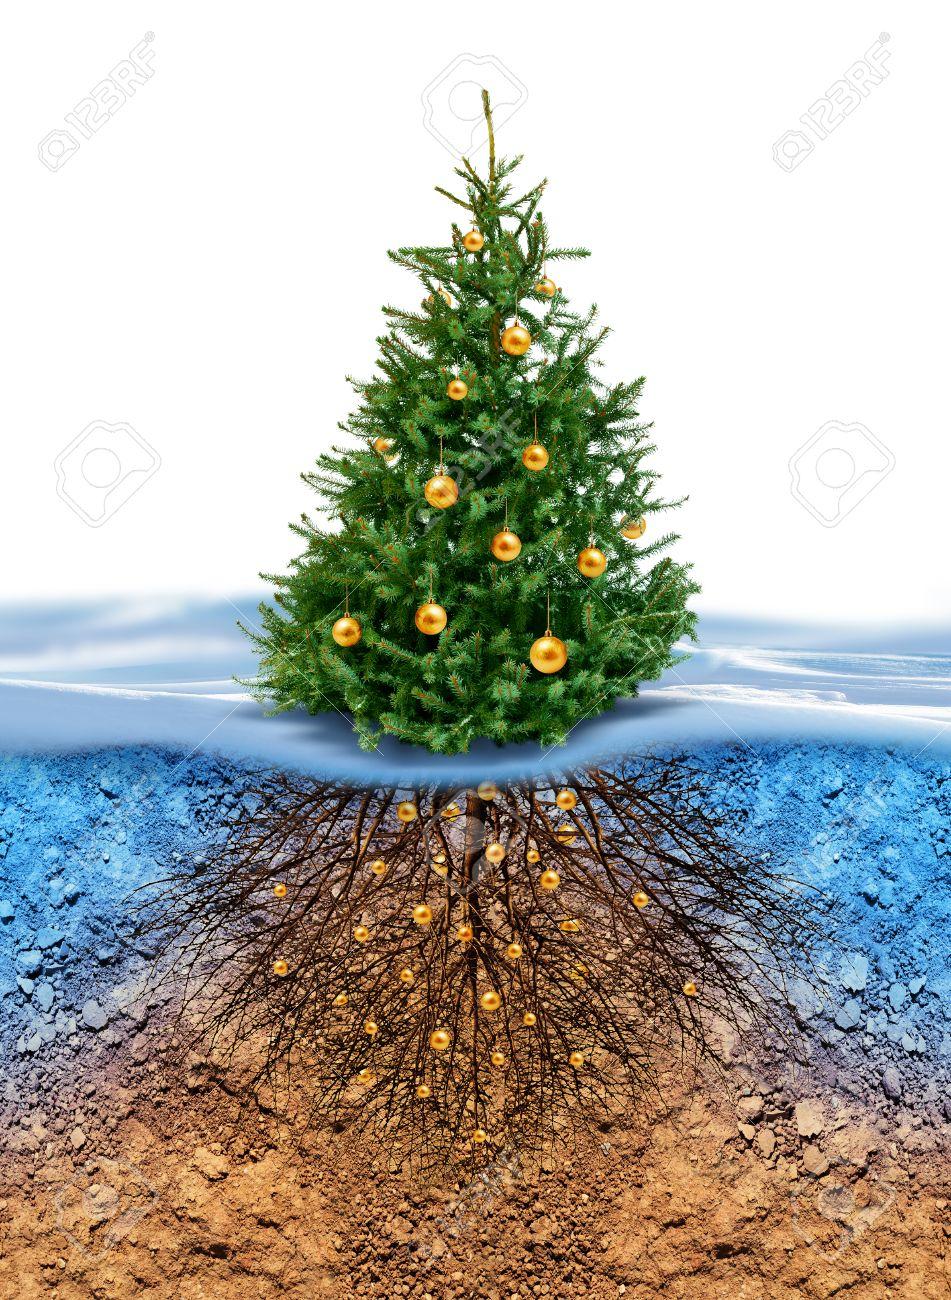 Vert Sapin De Noël Avec Des Boules D'or, Les Racines Dans Le Sol